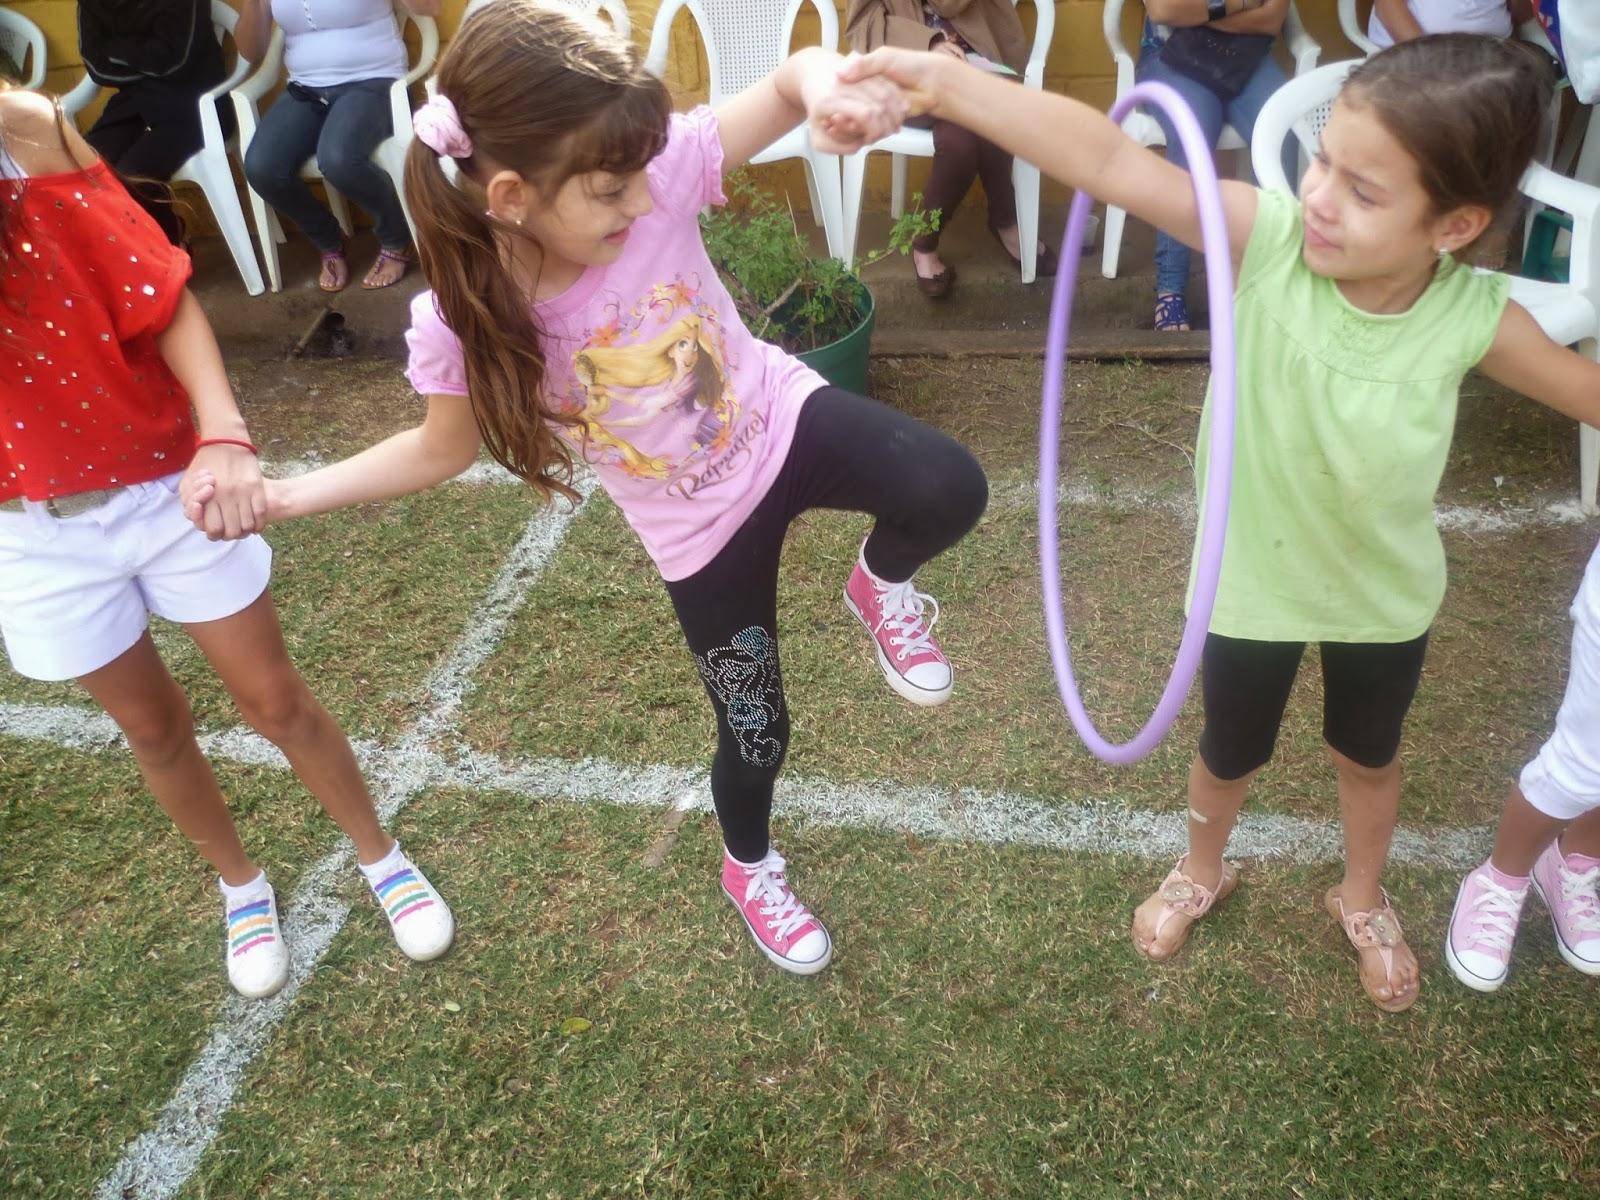 Juegos Para Fiestas De Ninos Party Games For Children Juegos De